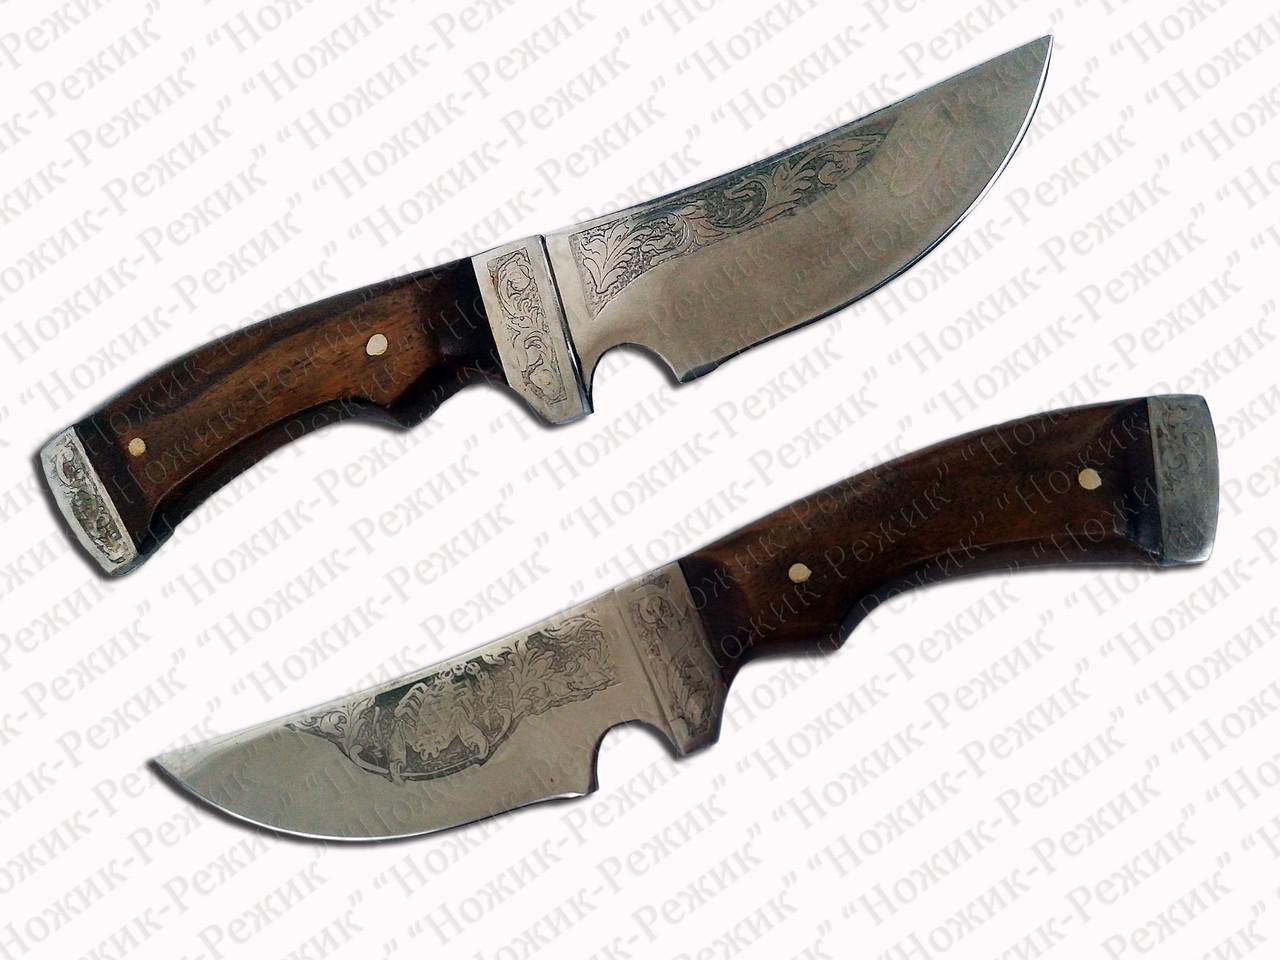 Нож охотничий, нож нескладной, нож для туризма, нож для рыбалки, нож для охоты, ножи ручной работы